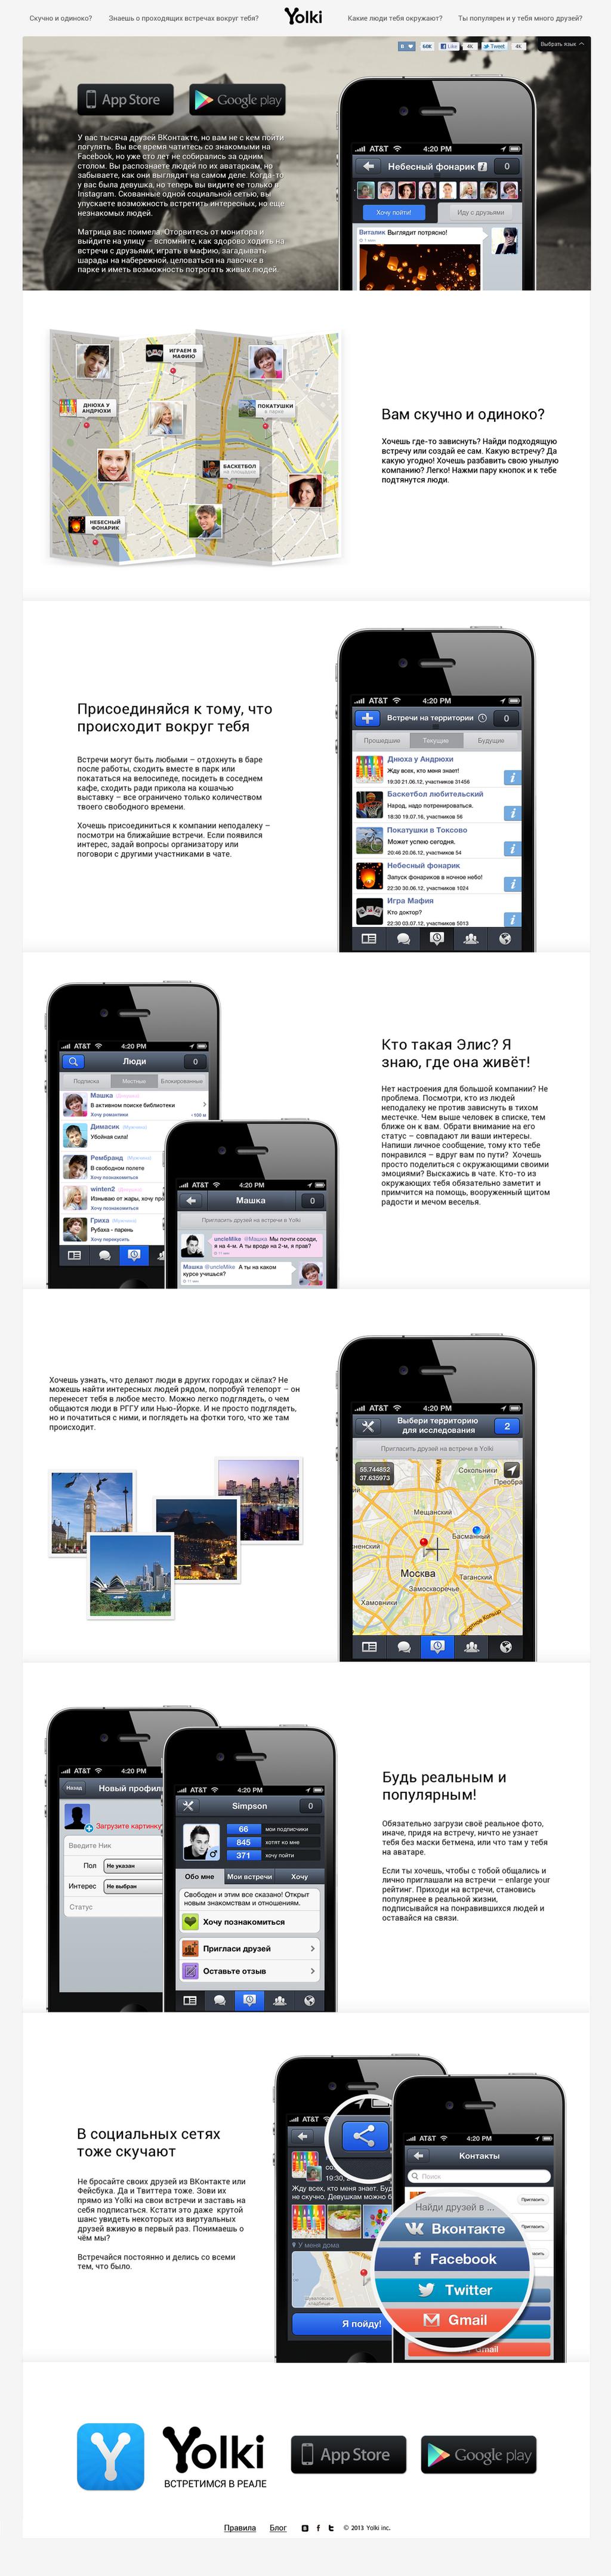 Yolki Web Design by shlyapnikova